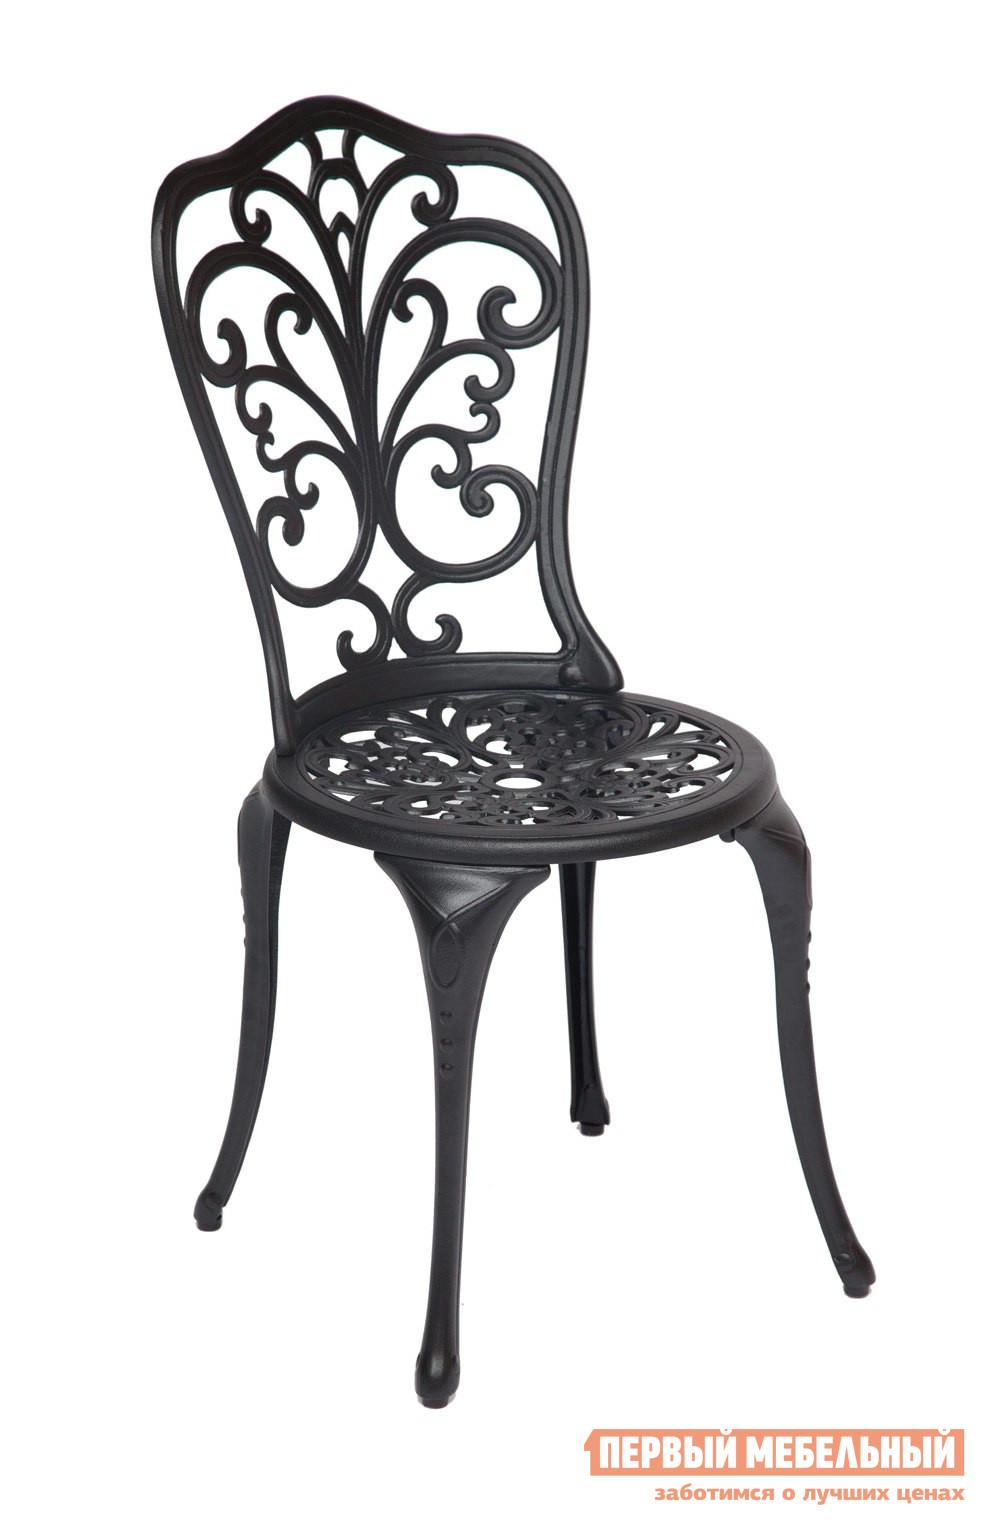 Садовый металлический стул для дачи Tetchair MOZART садовый складной стул tetchair julia new плитка звезда